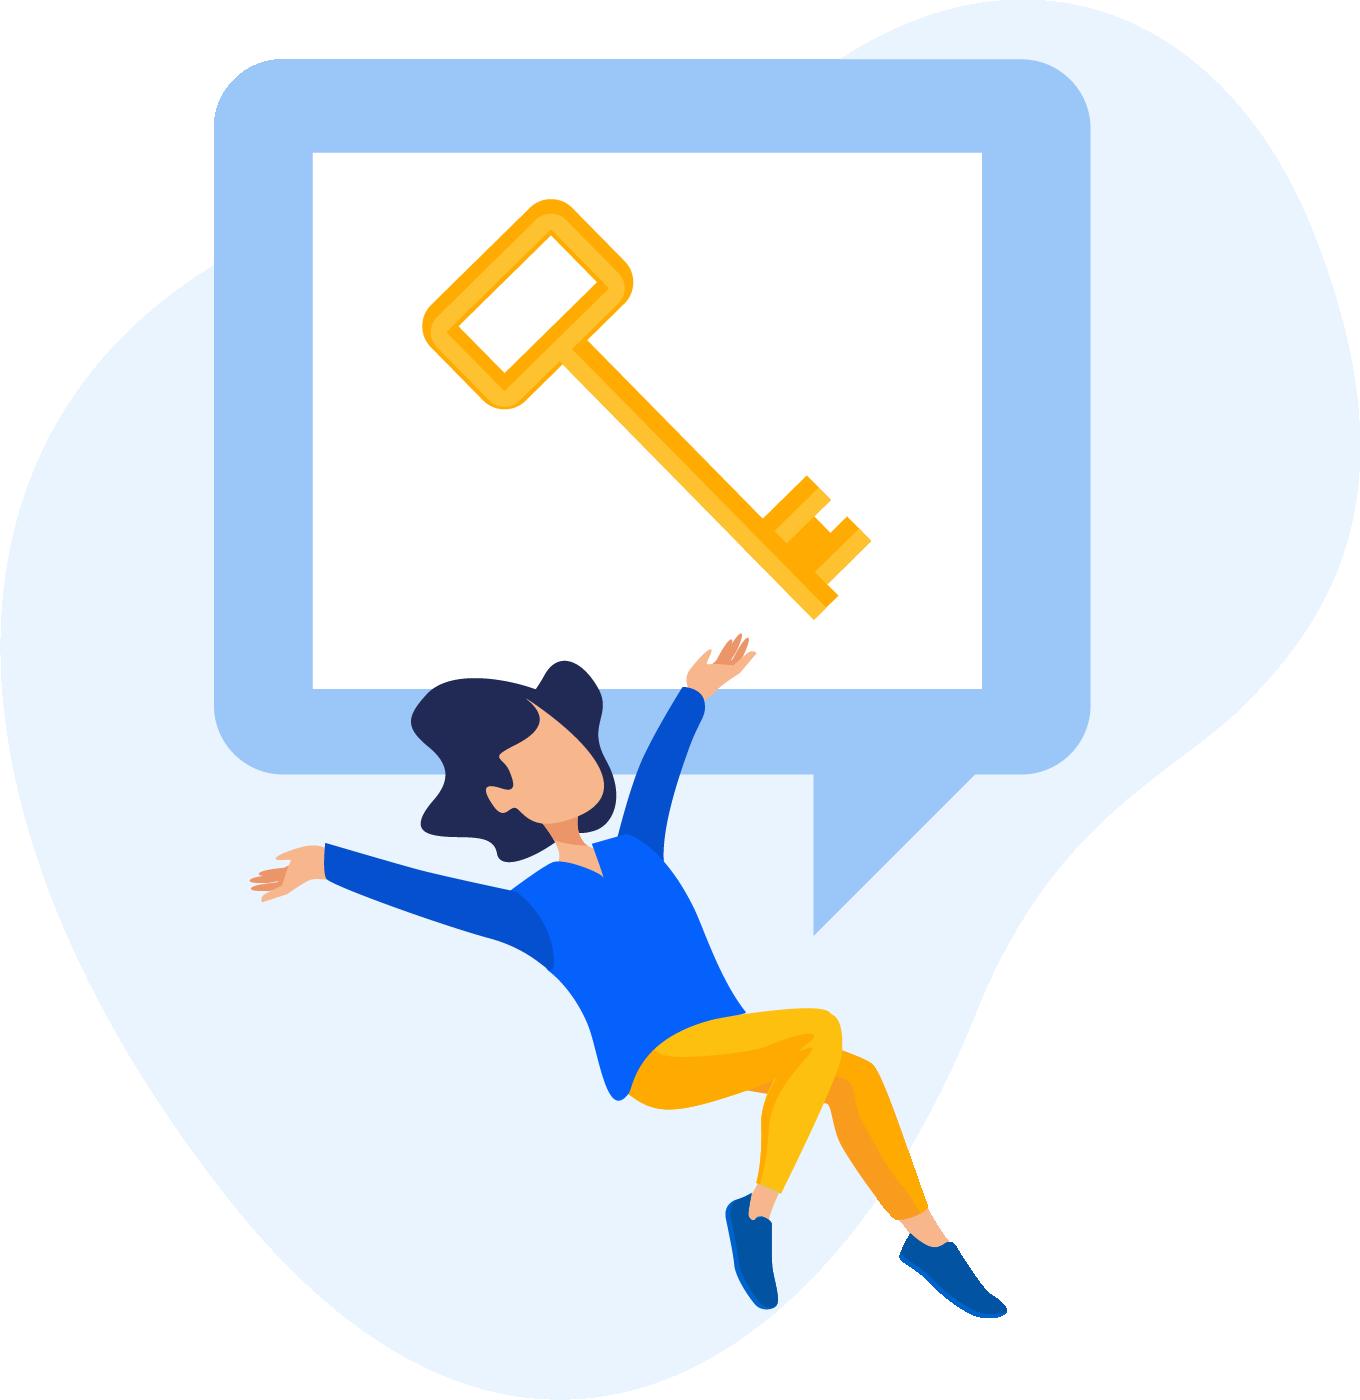 icon premium plus | emerkey - Schlüssel lagern, teilen & liefern. Schlüssel-Service | Deine Alternative zum Schlüsseldienst